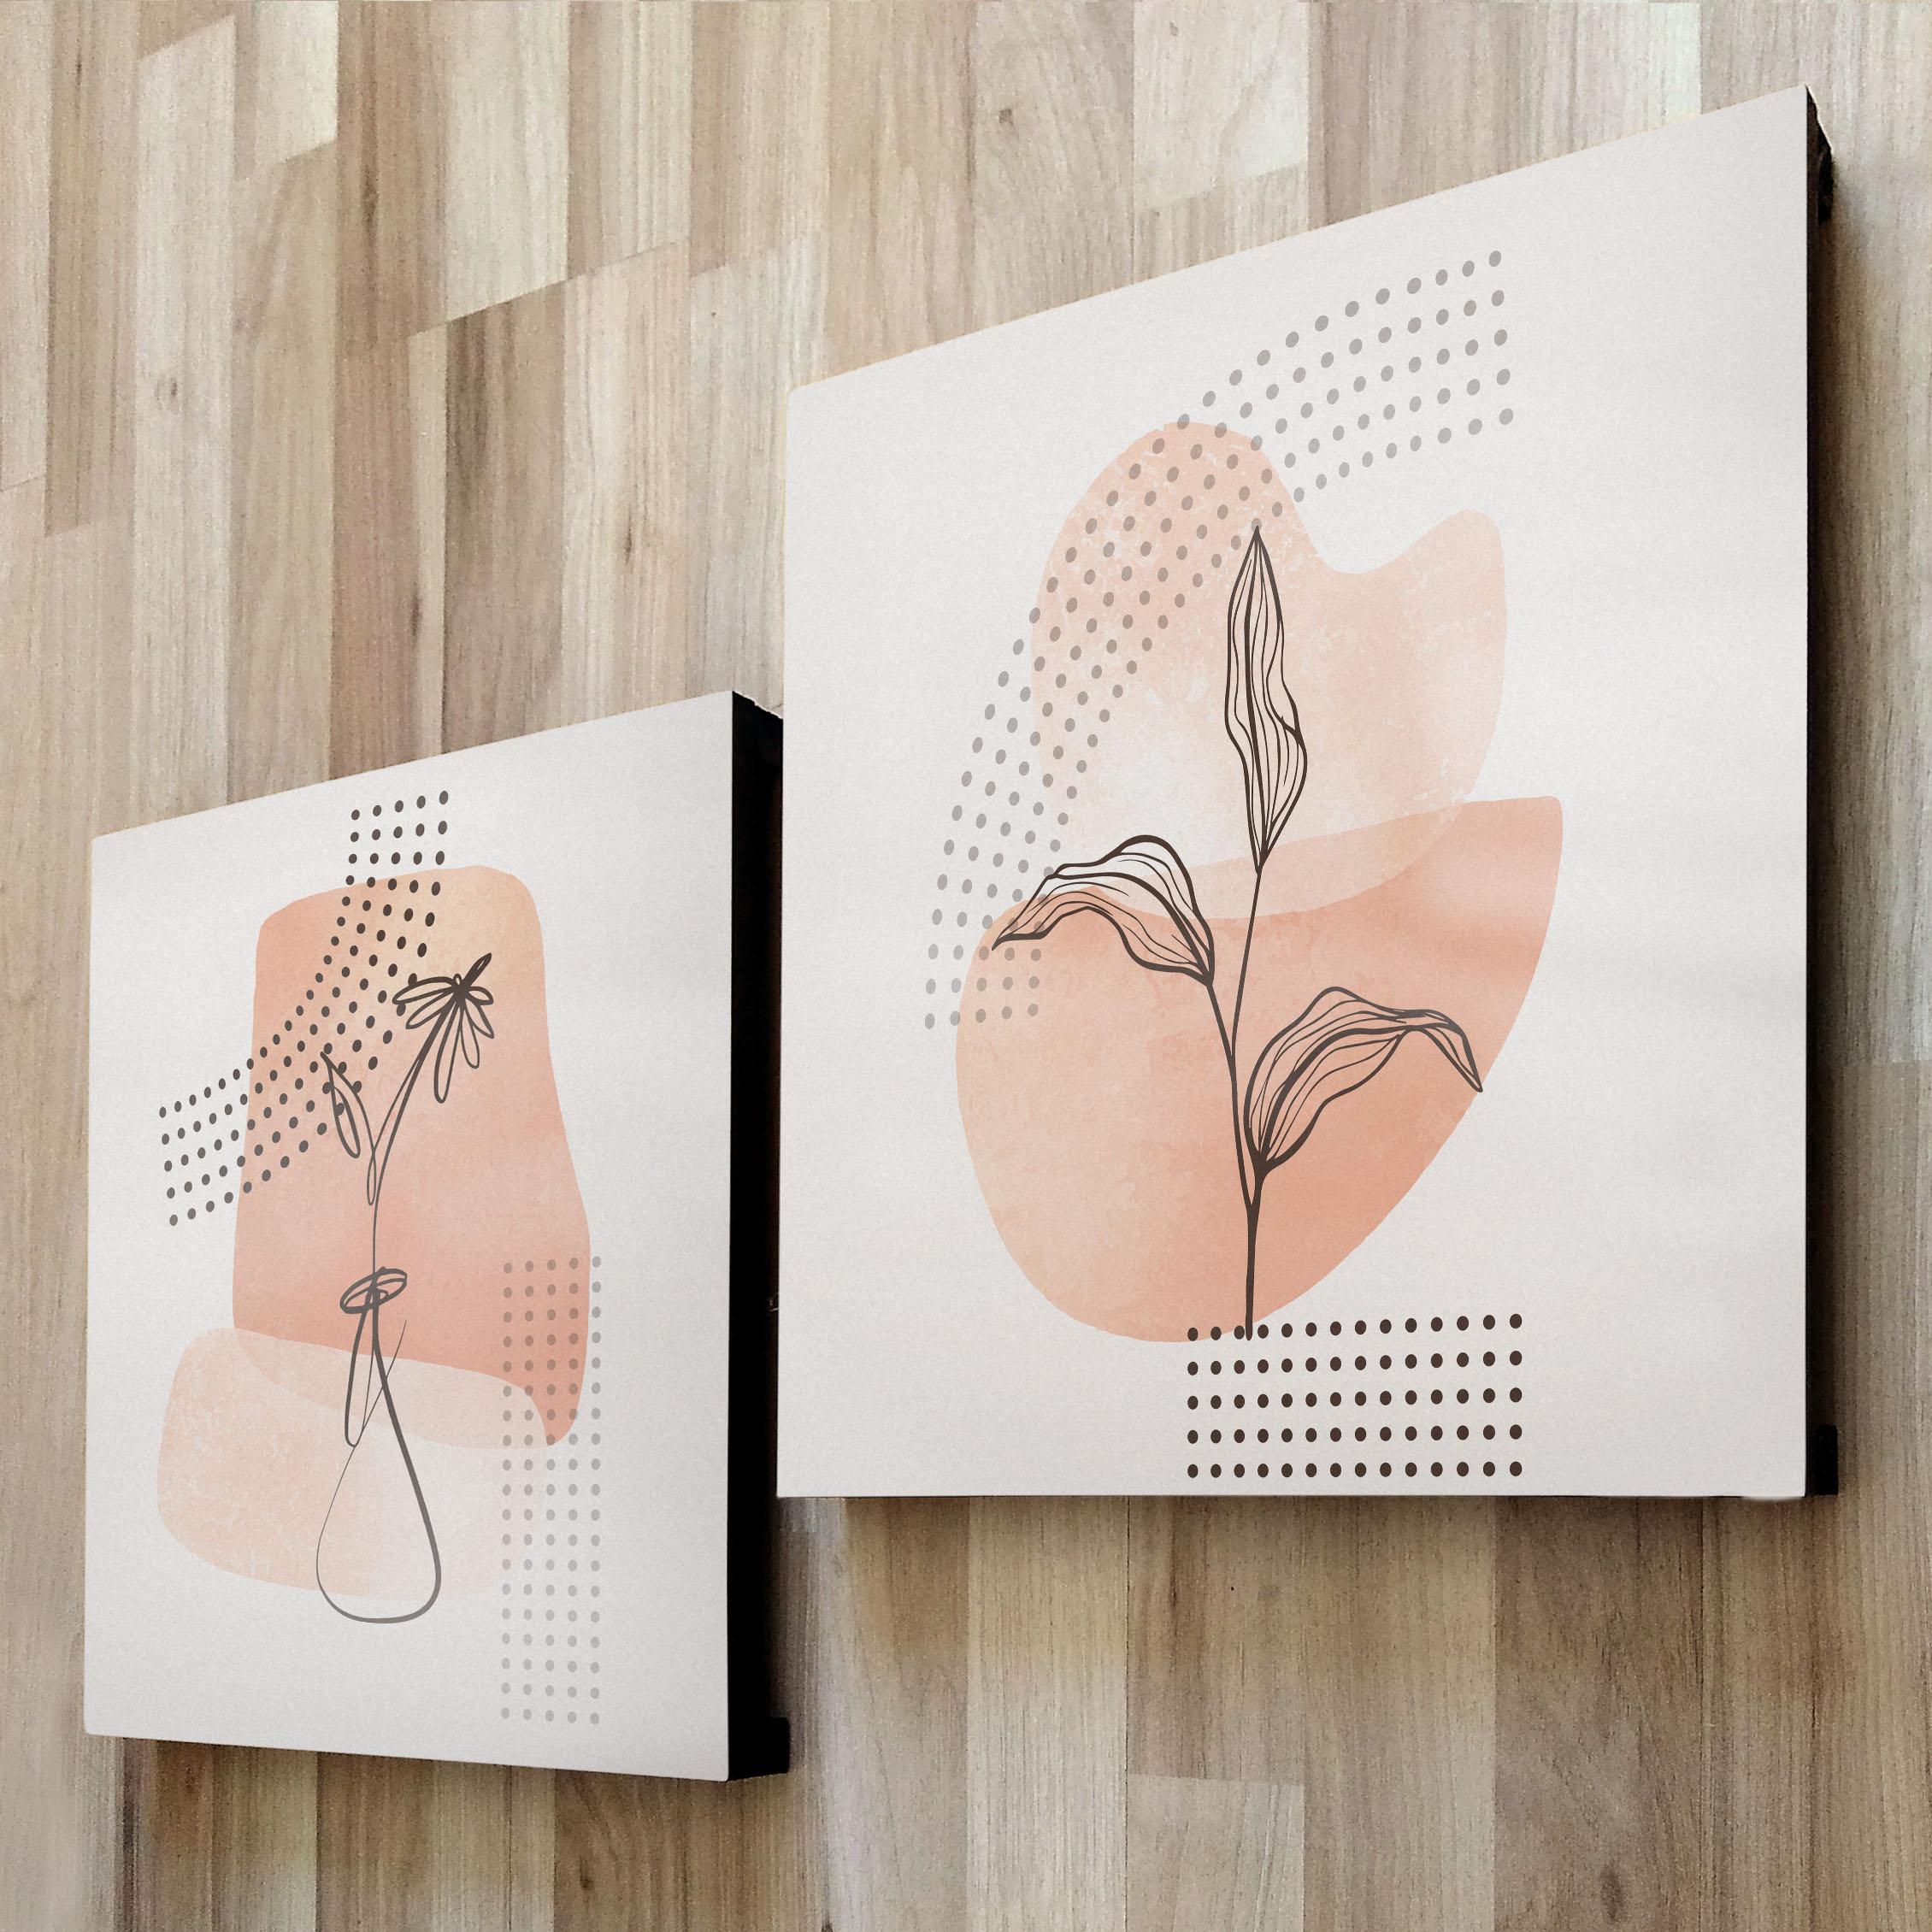 Abstractos Modernos 801 + 802 2